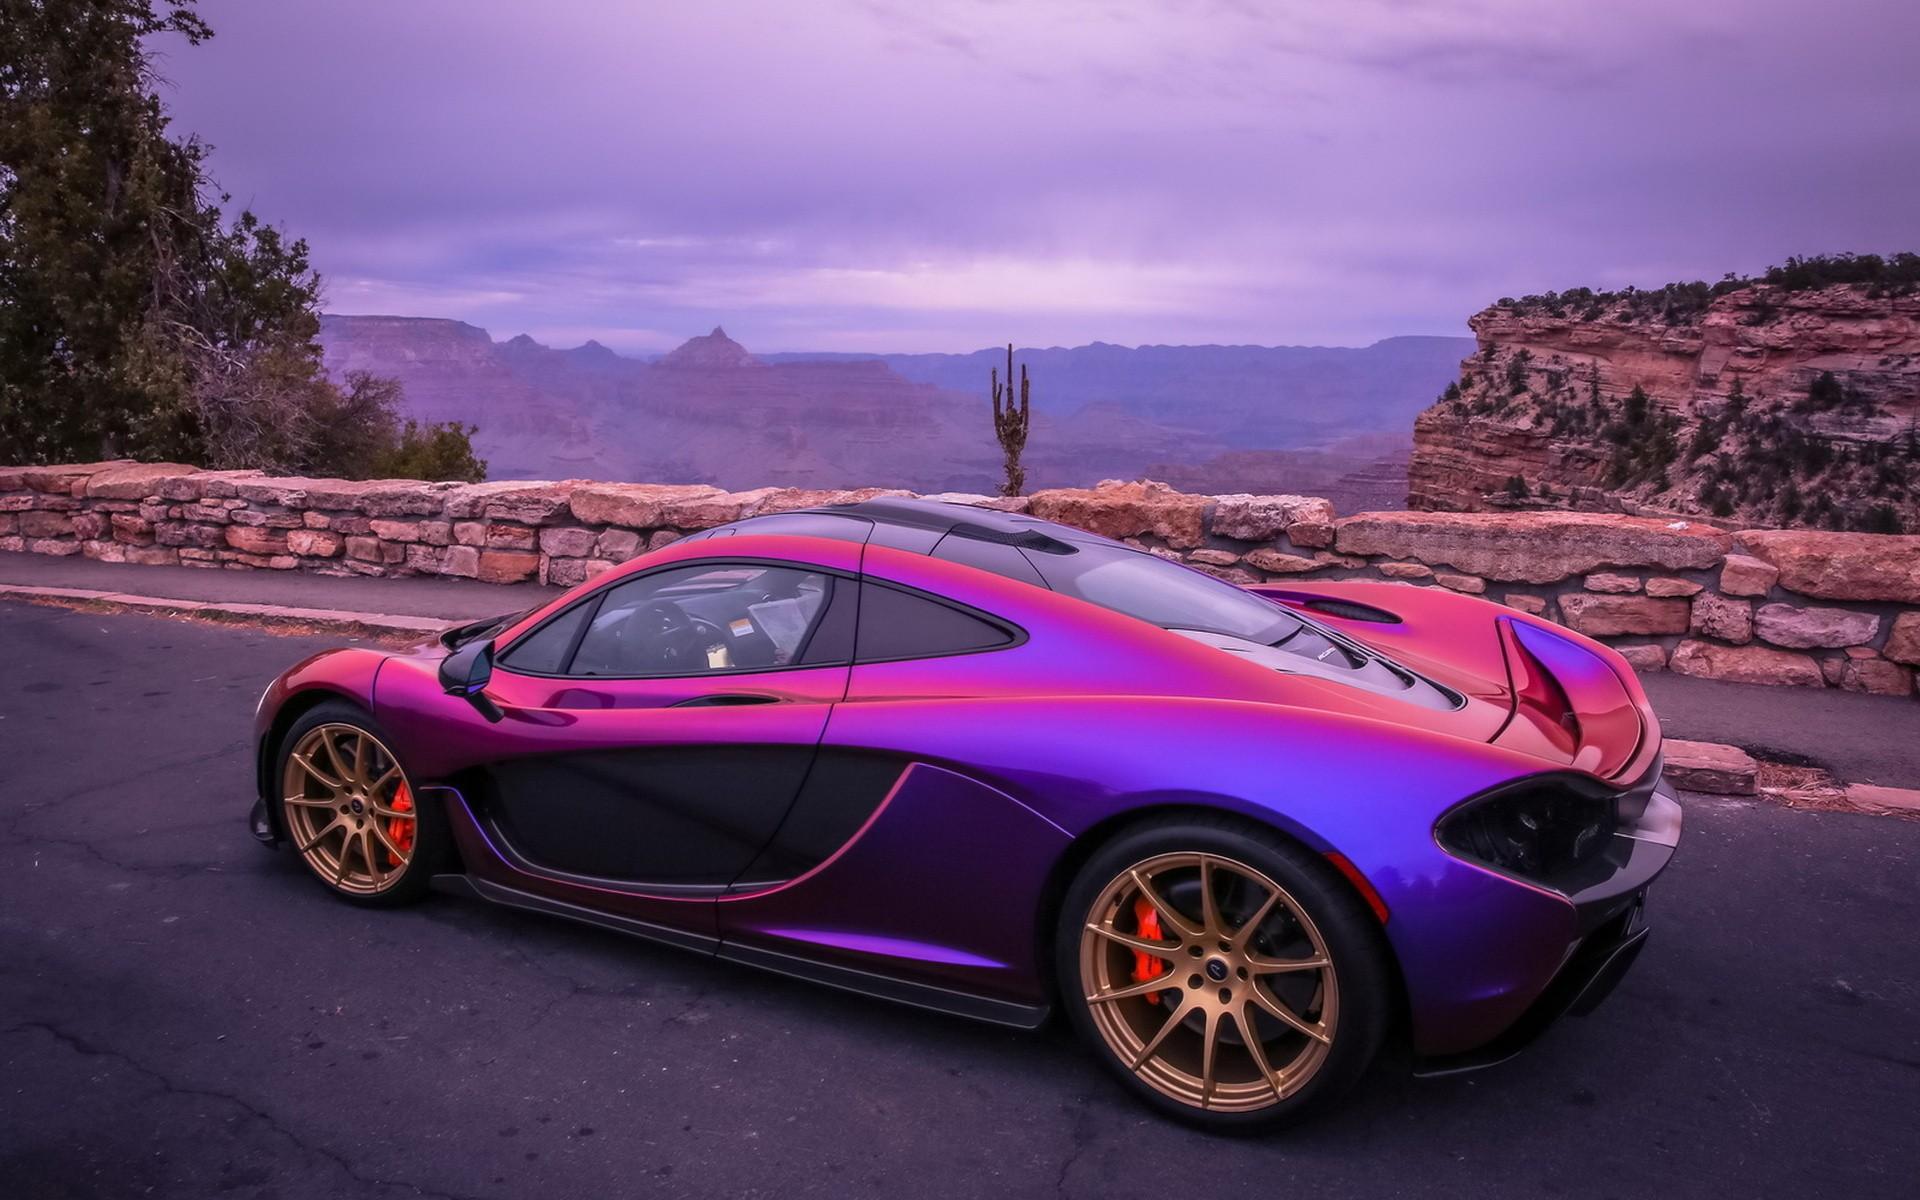 фото красивых т ярких машин придут, сомневайся